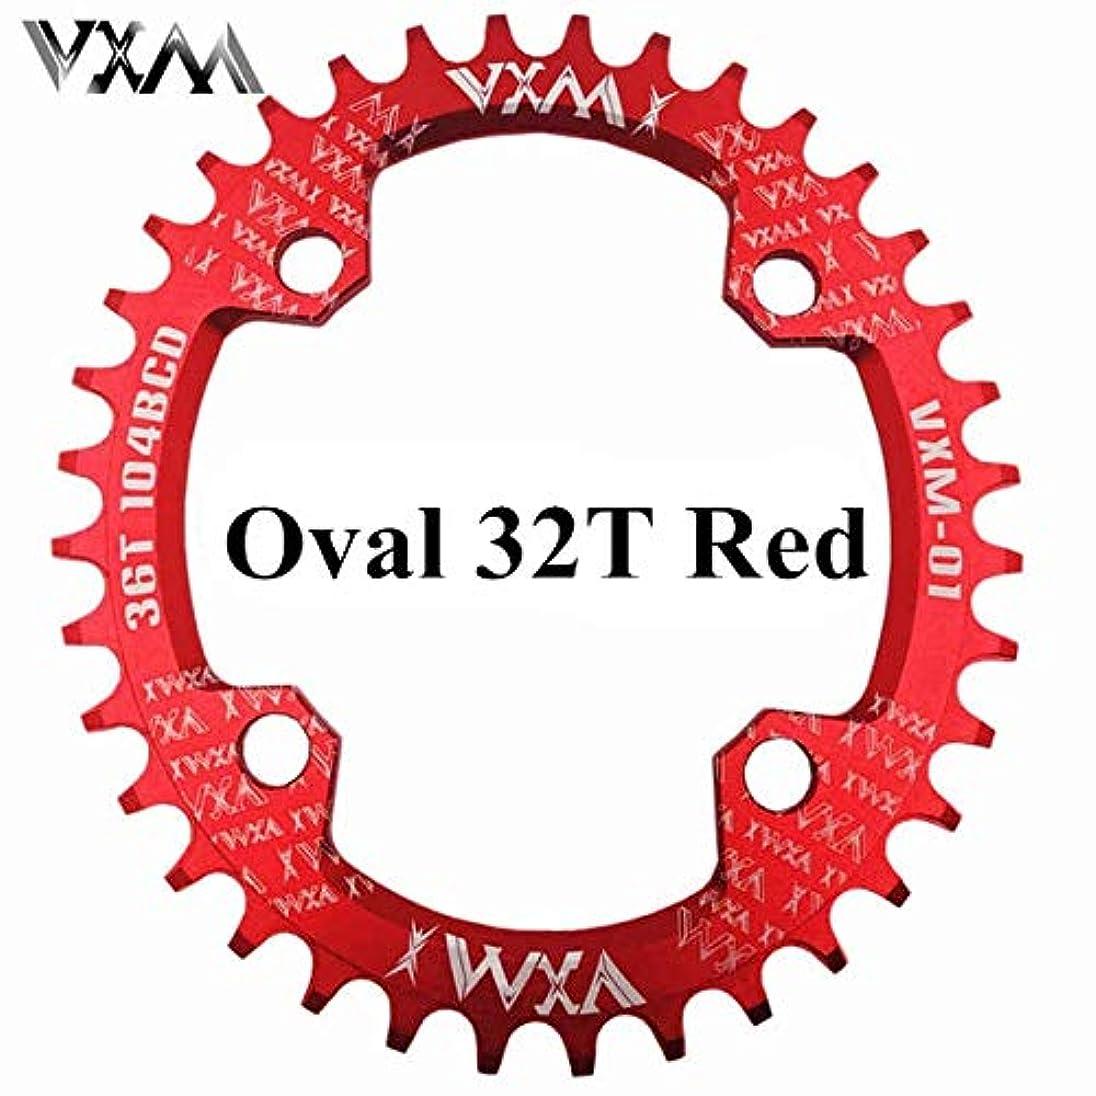 そよ風クリップ蝶課税Propenary - 自転車104BCDクランクオーバルラウンド30T 32T 34T 36T 38T 40T 42T 44T 46T 48T 50T 52TチェーンホイールXT狭い広い自転車チェーンリング[オーバル32Tレッド]